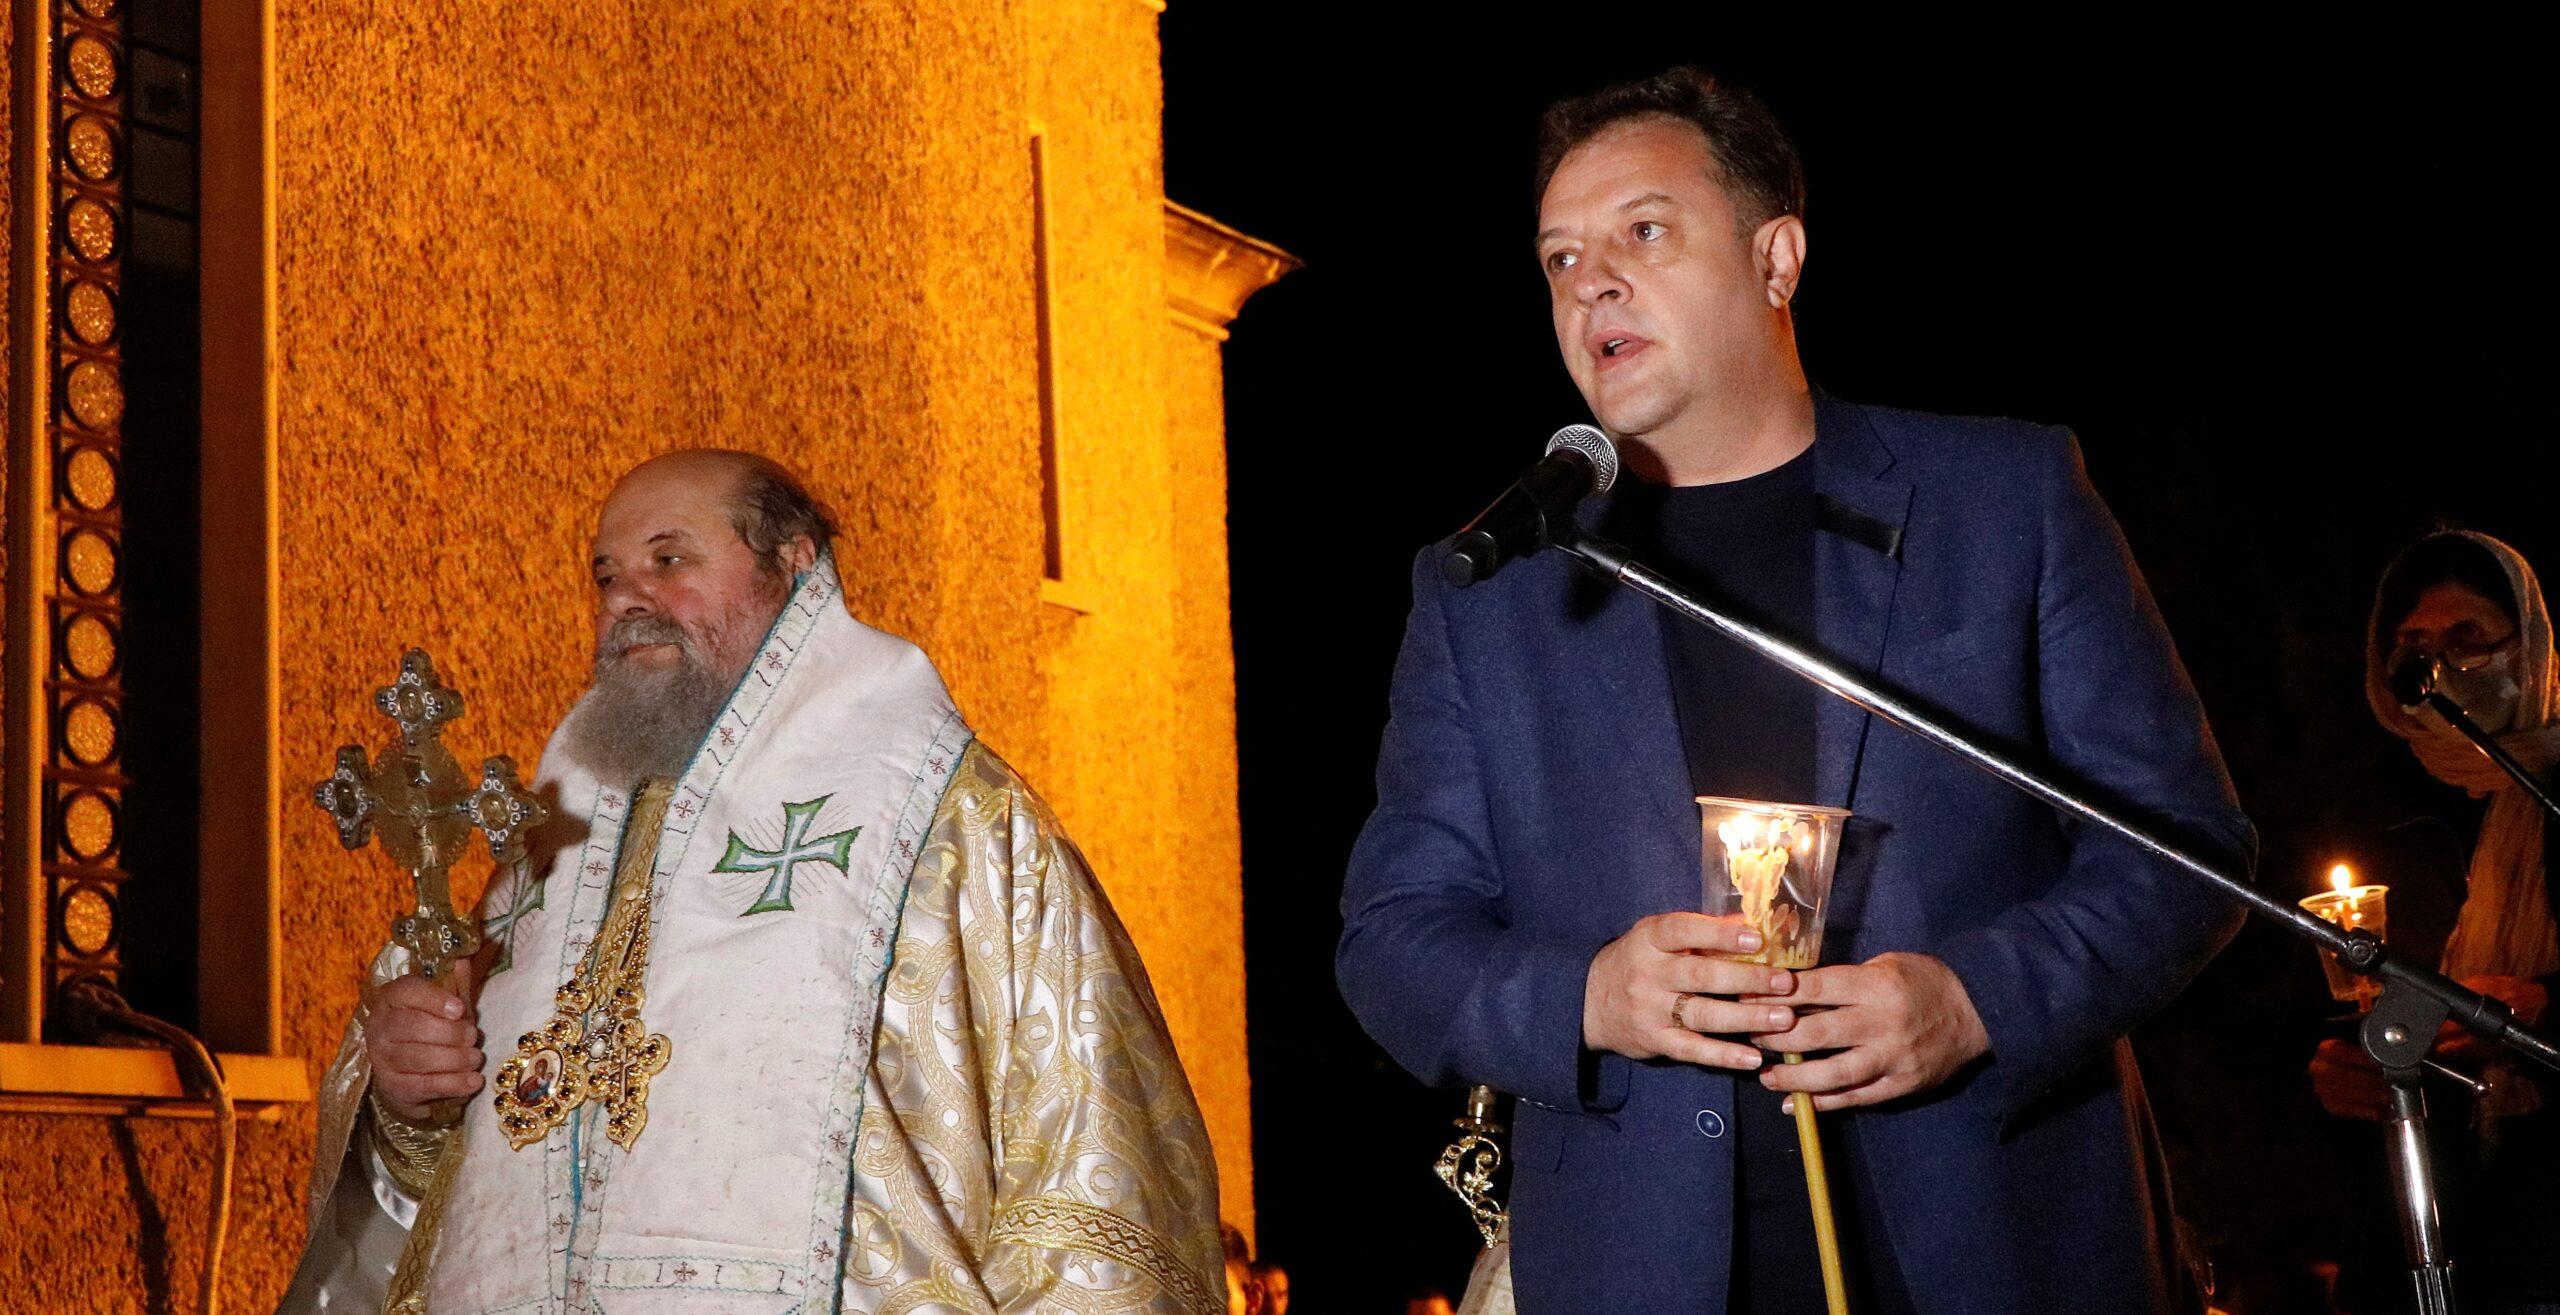 Даниел Панов, кмет на Велико Търново: Христос воскресе! Правете добрини, носете любовта в сърцата си и светлината в душите си!